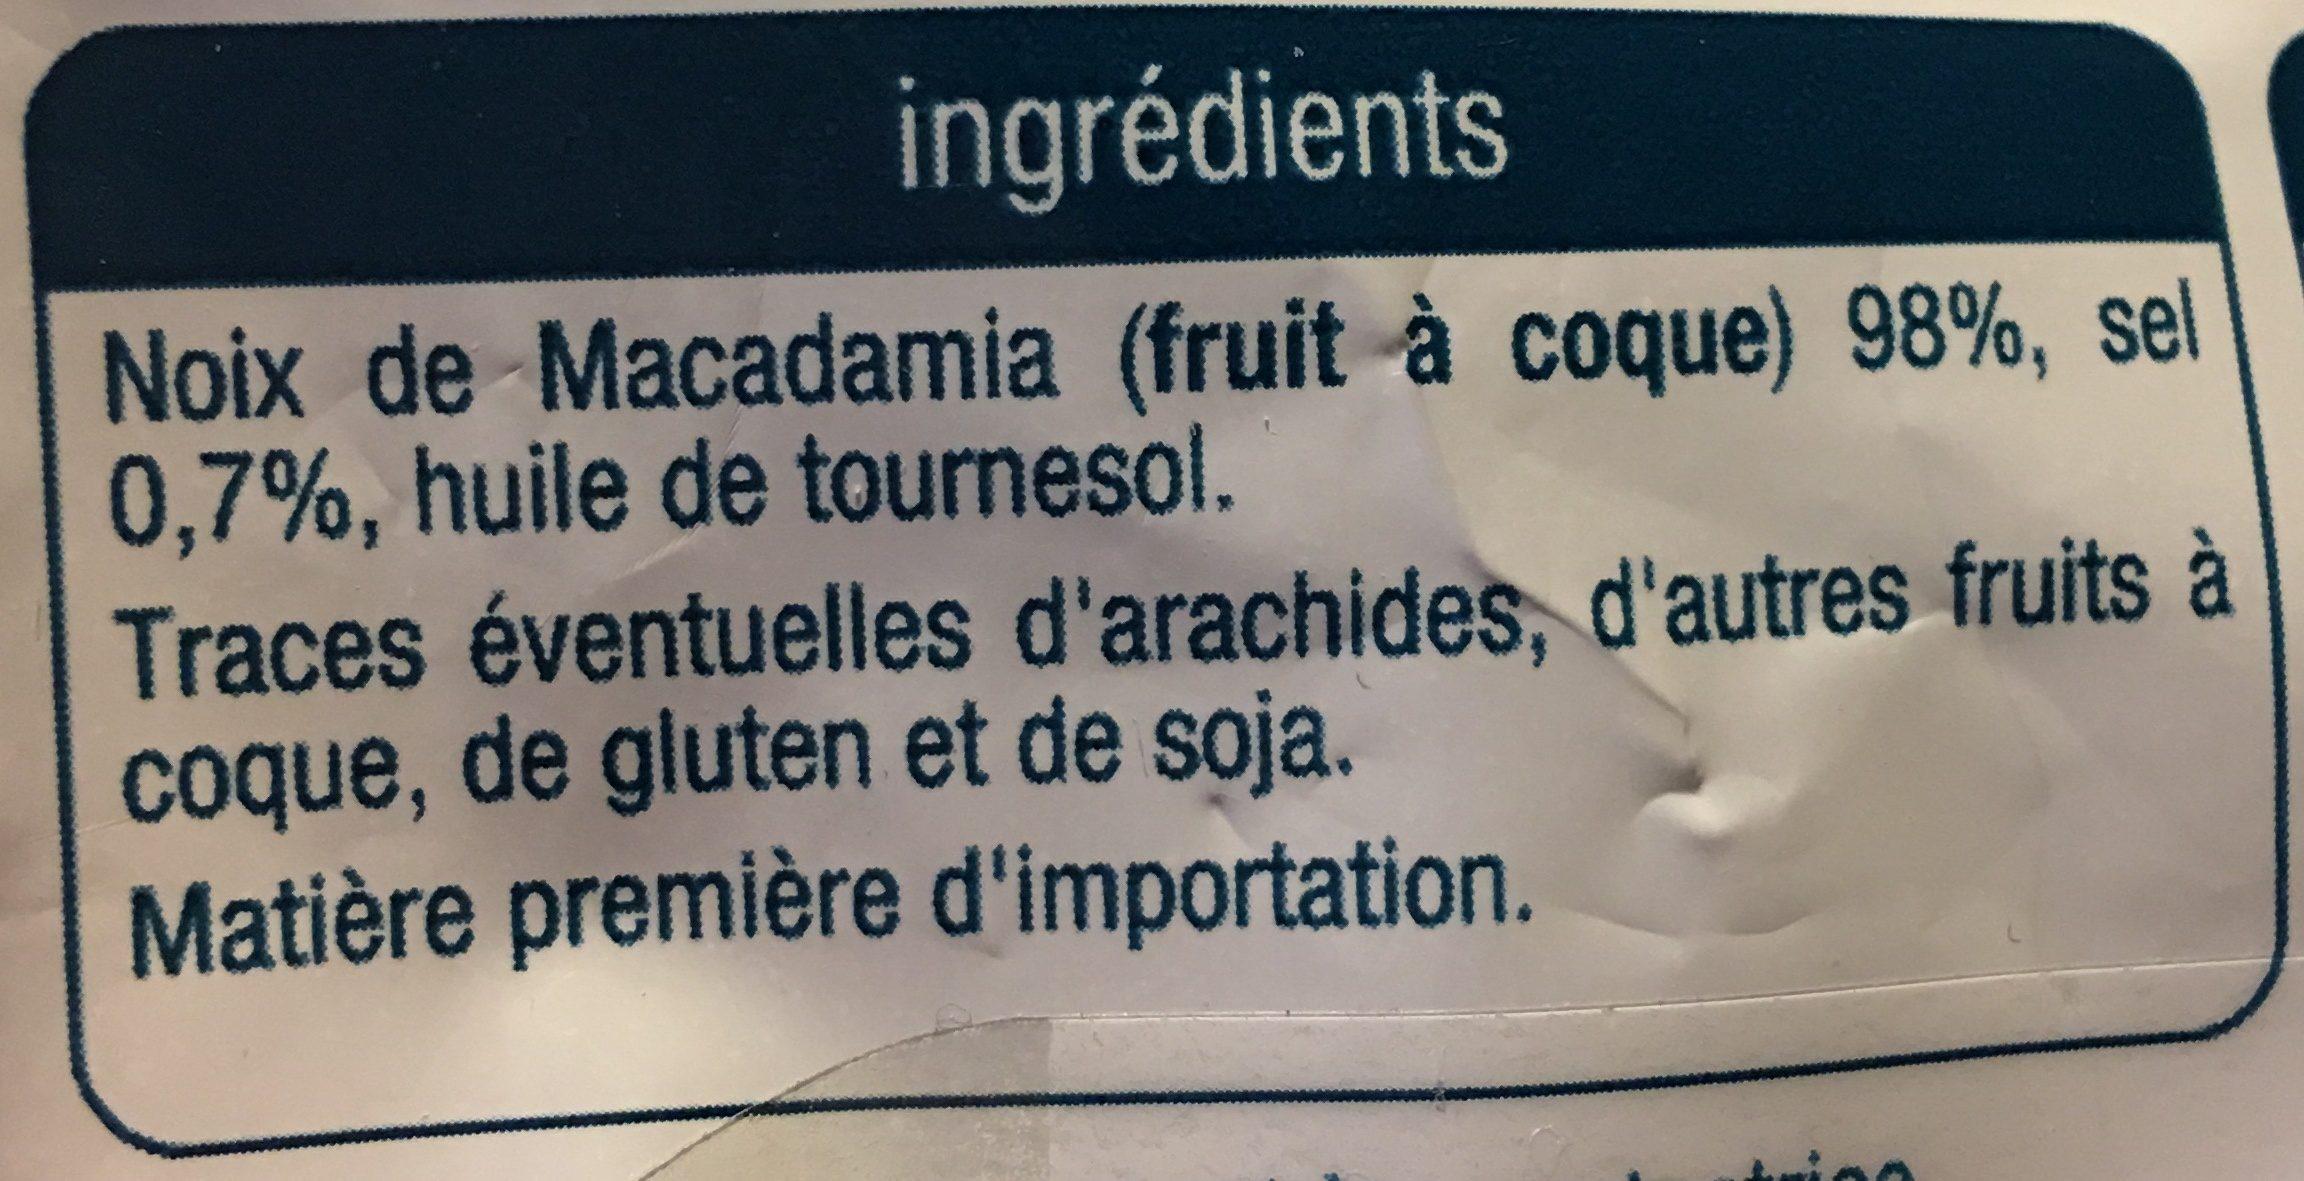 Noix de macadamia - Ingredients